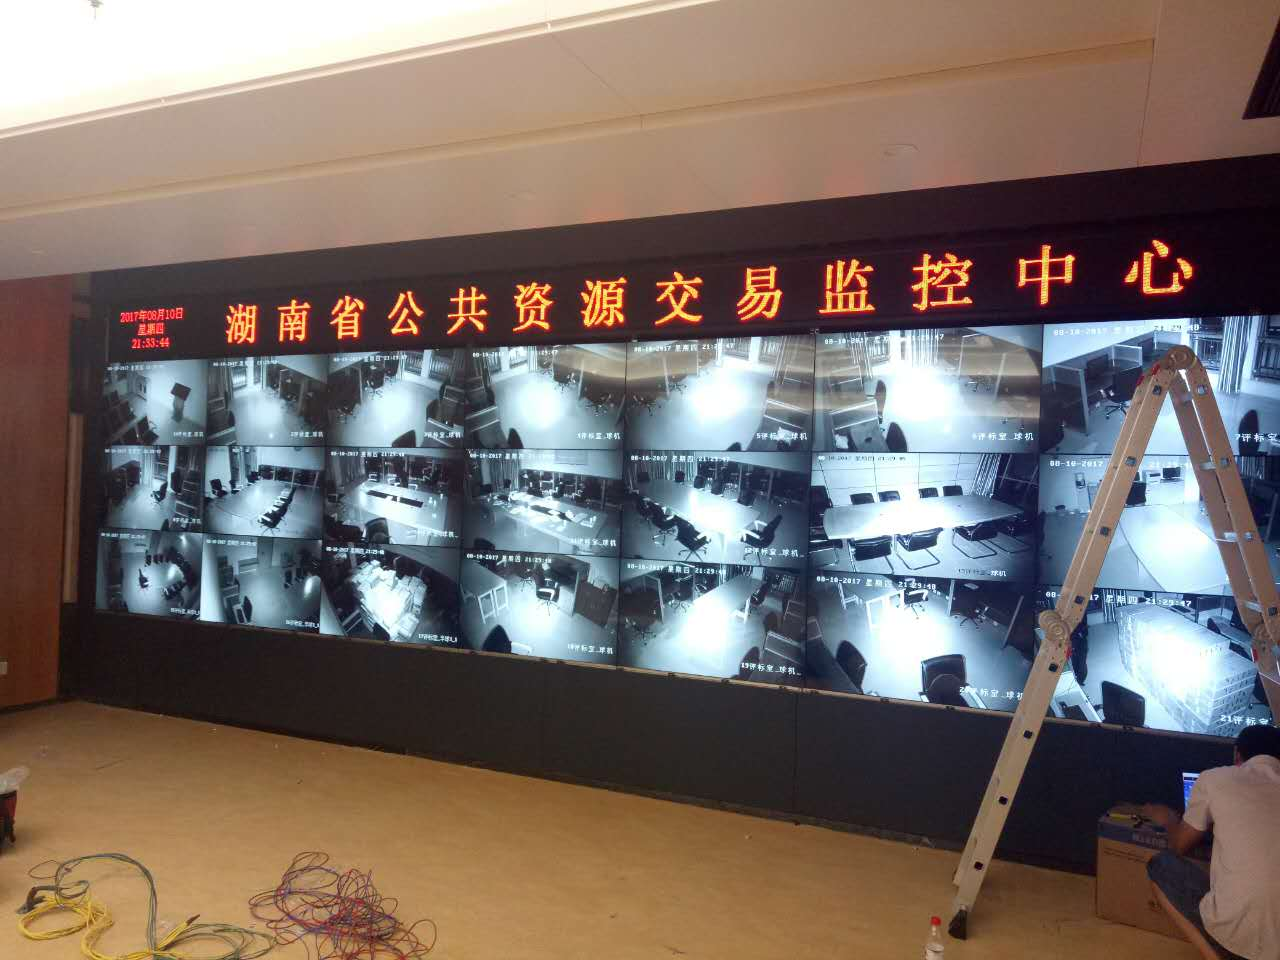 湖南省公共资源交易监控中心55寸3X7'